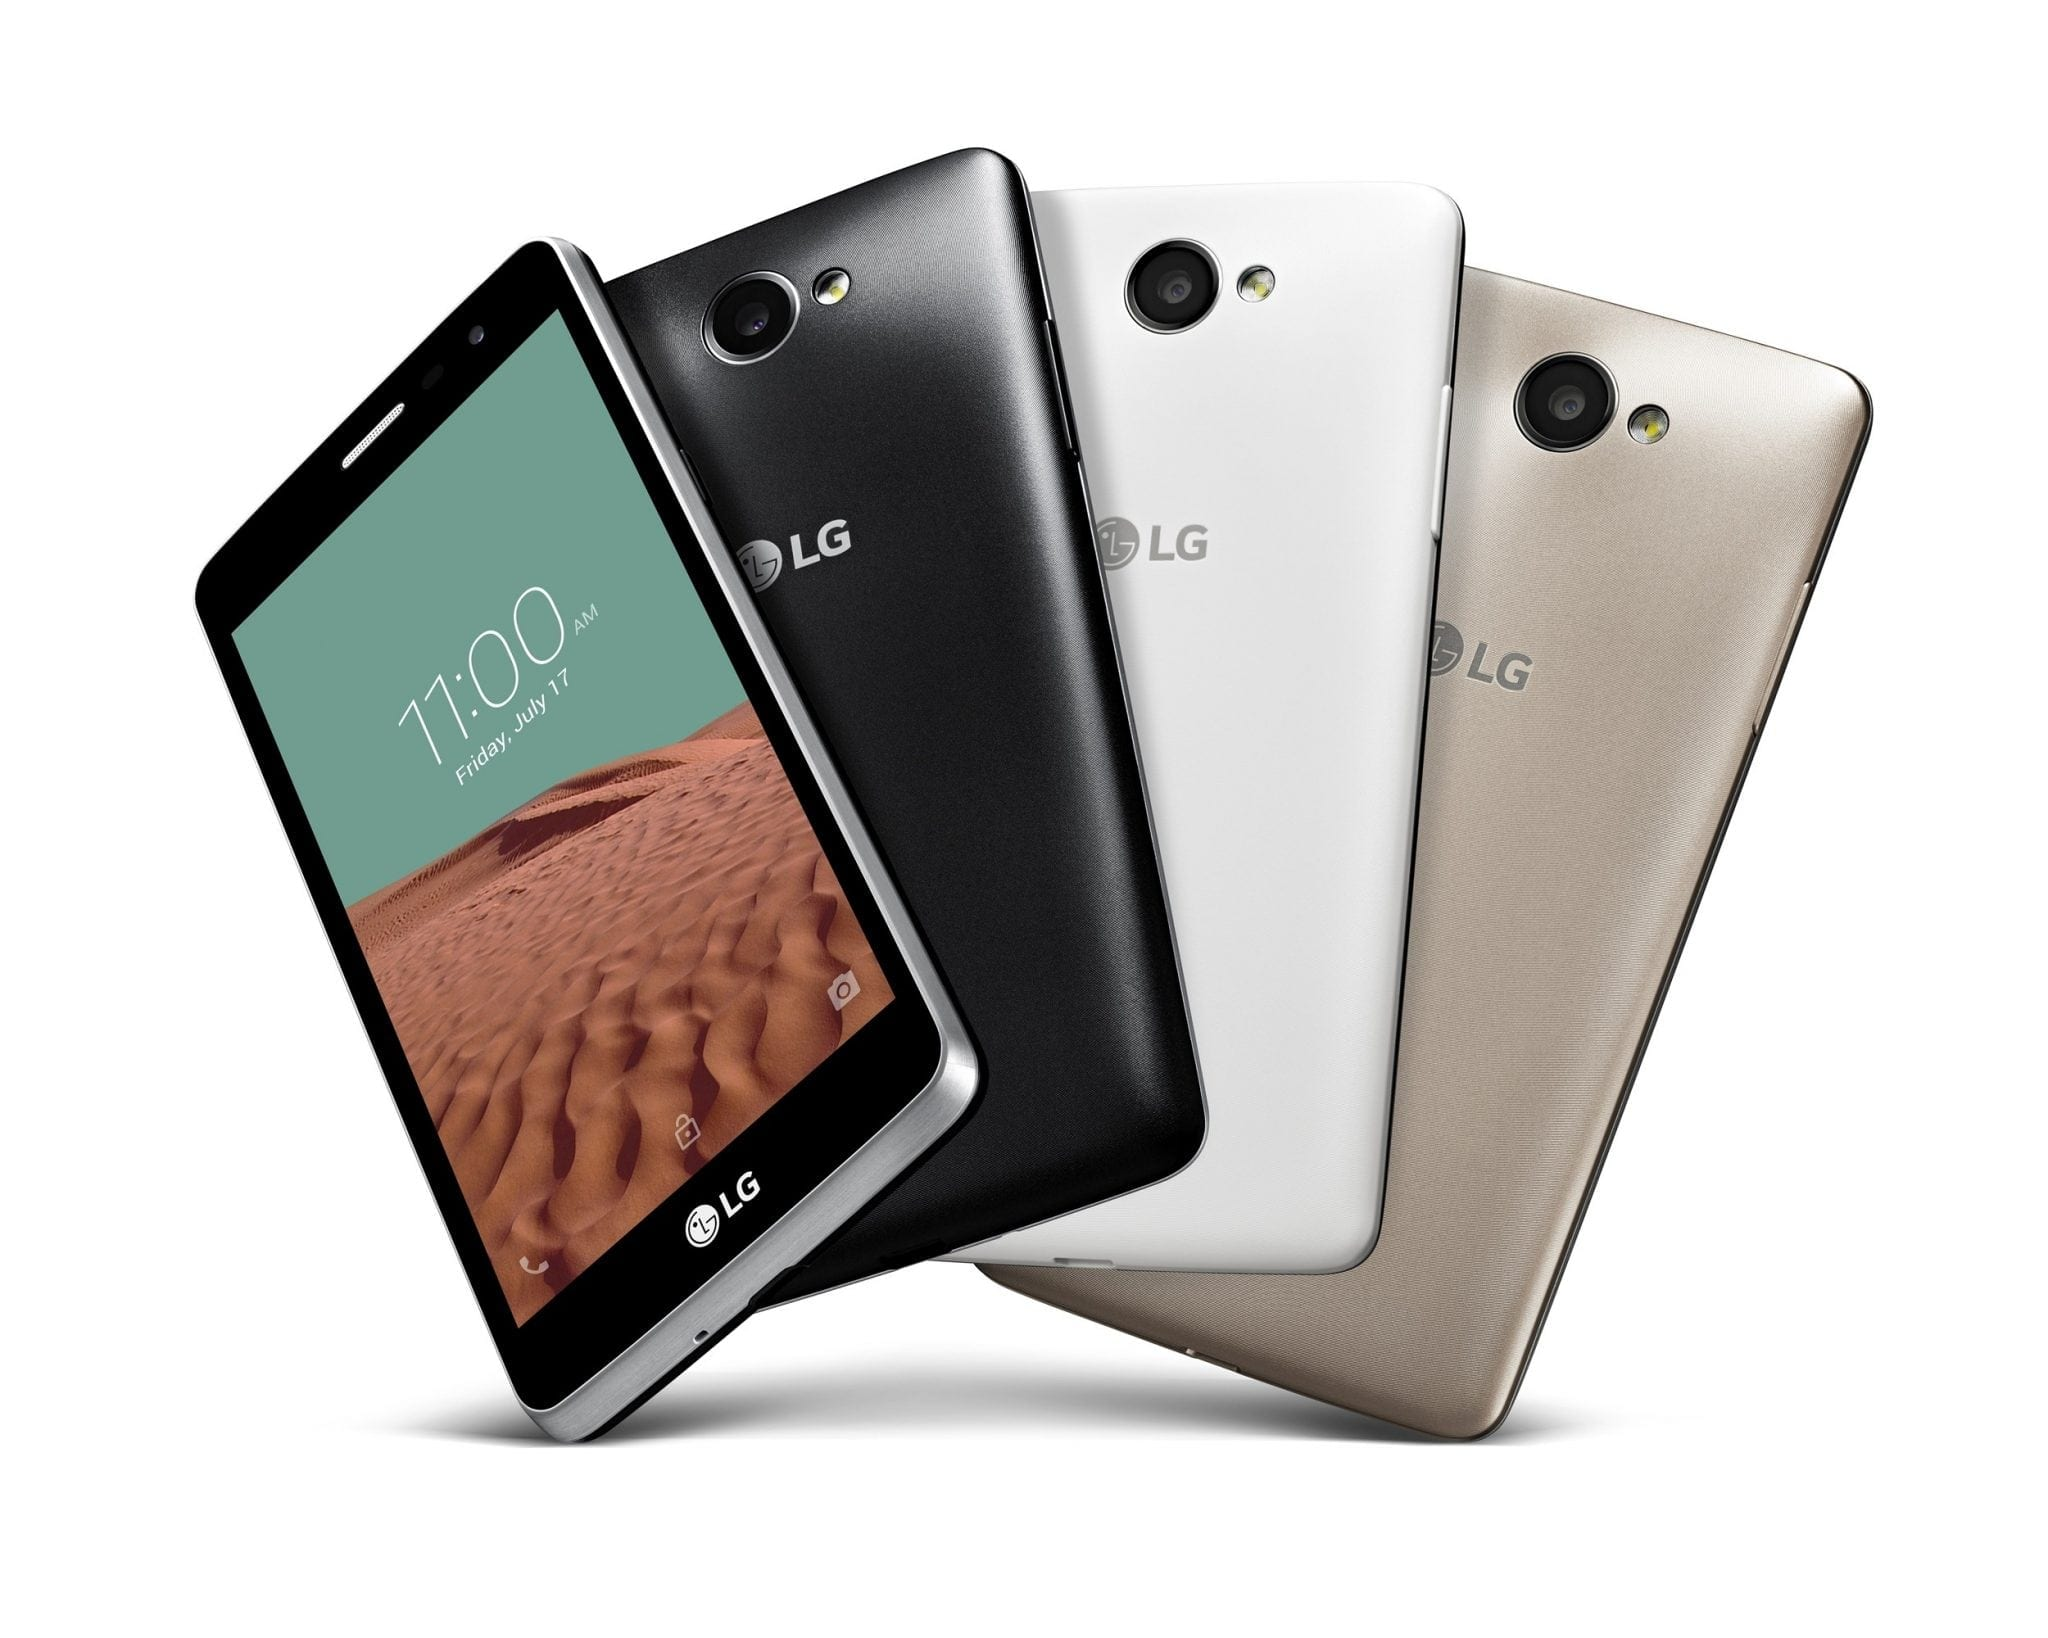 LG prezintă smartphone-ul Bello II: cu ecran de 5 inchi și cameră pentru selfie de 5 megapixeli